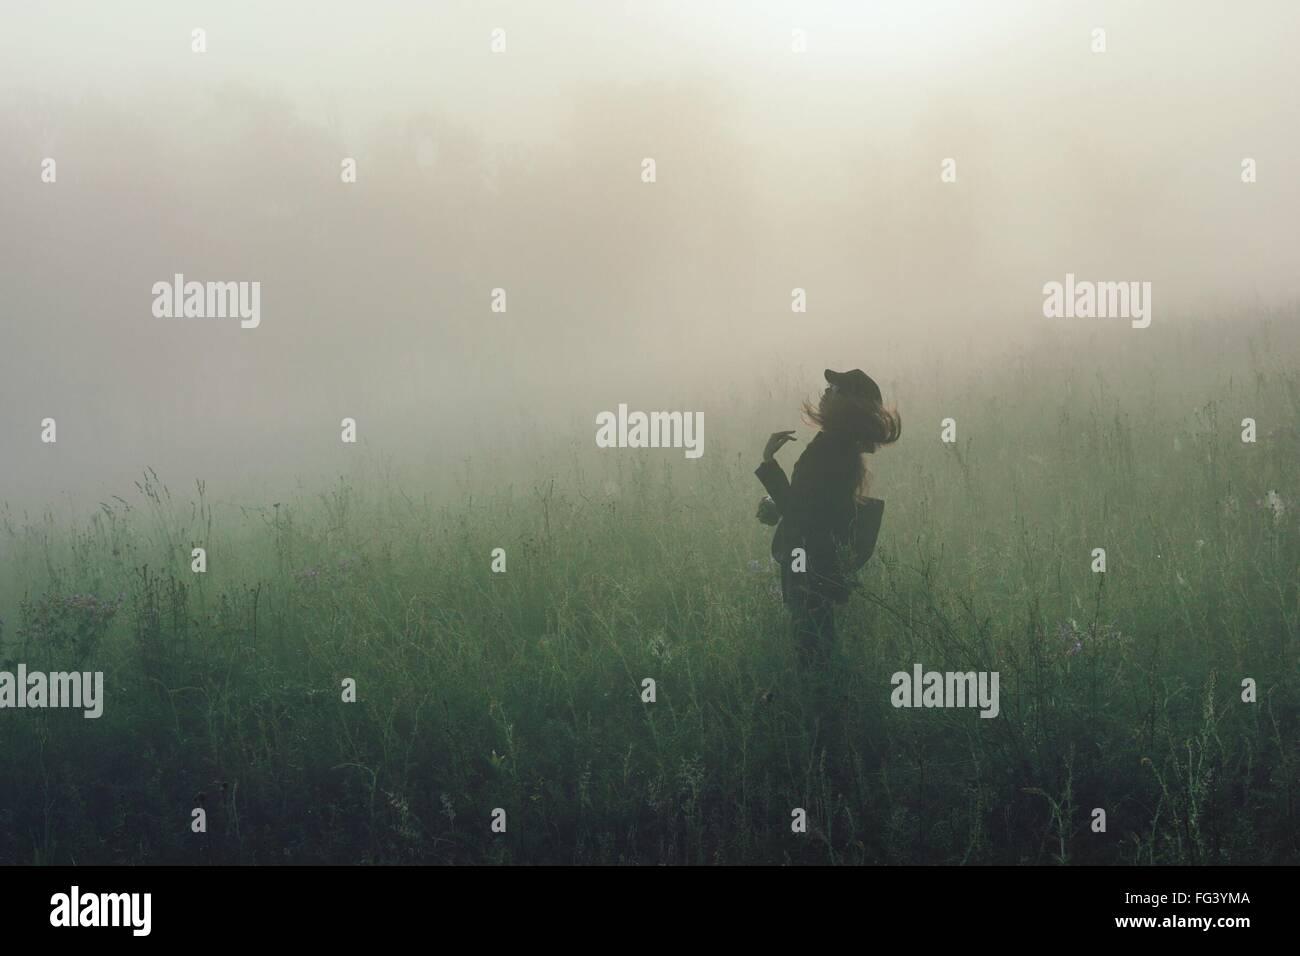 Femme debout sur les champs pendant temps de brouillard Photo Stock